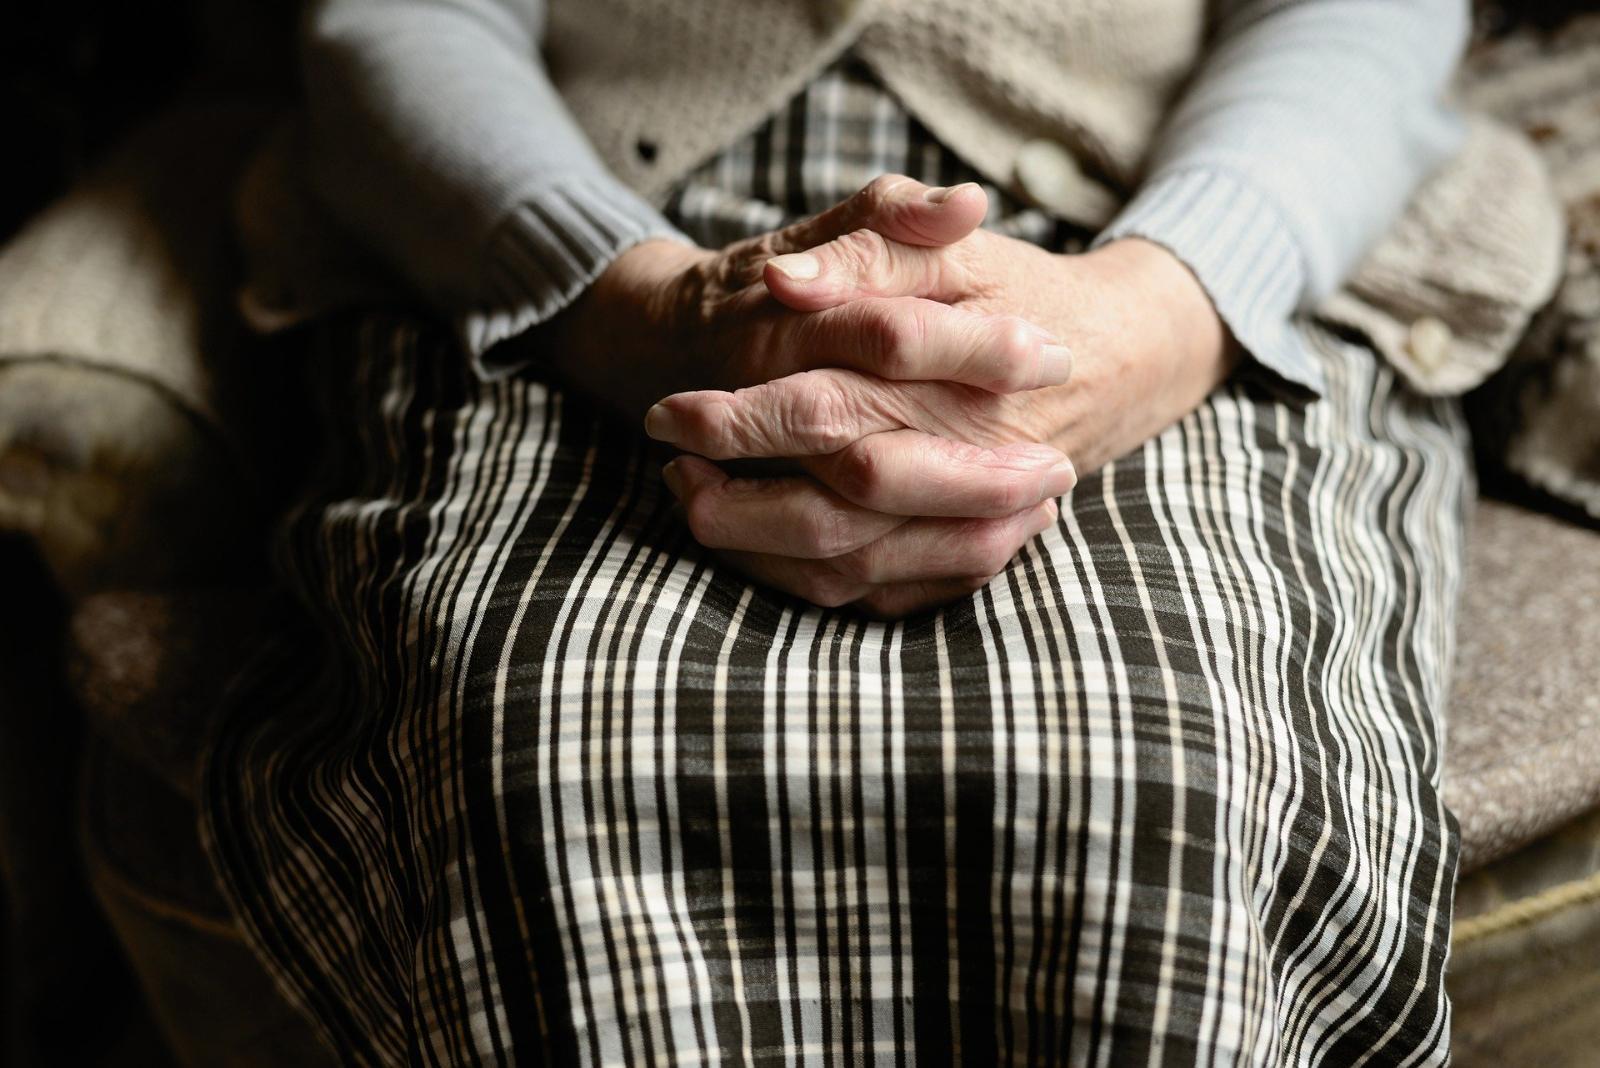 Три «не», чтобы избежать конфликтов с бабушками и дедушками в самоизоляции